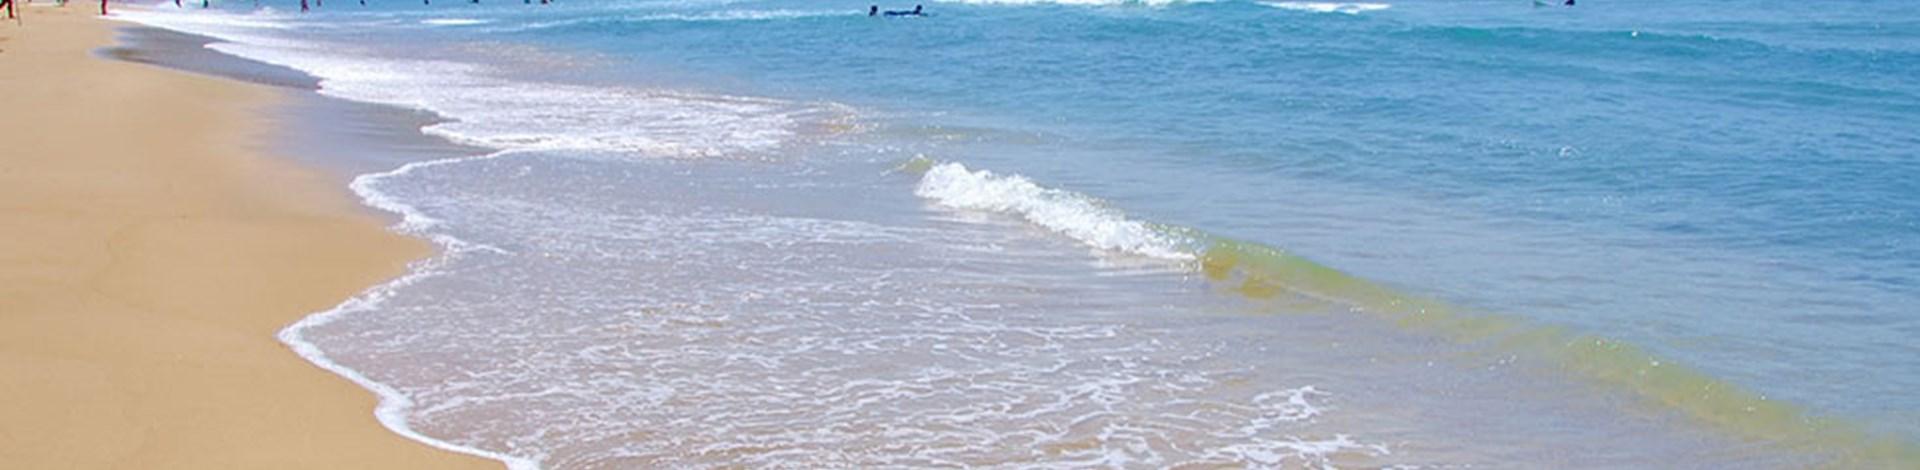 Troia Gale Beach